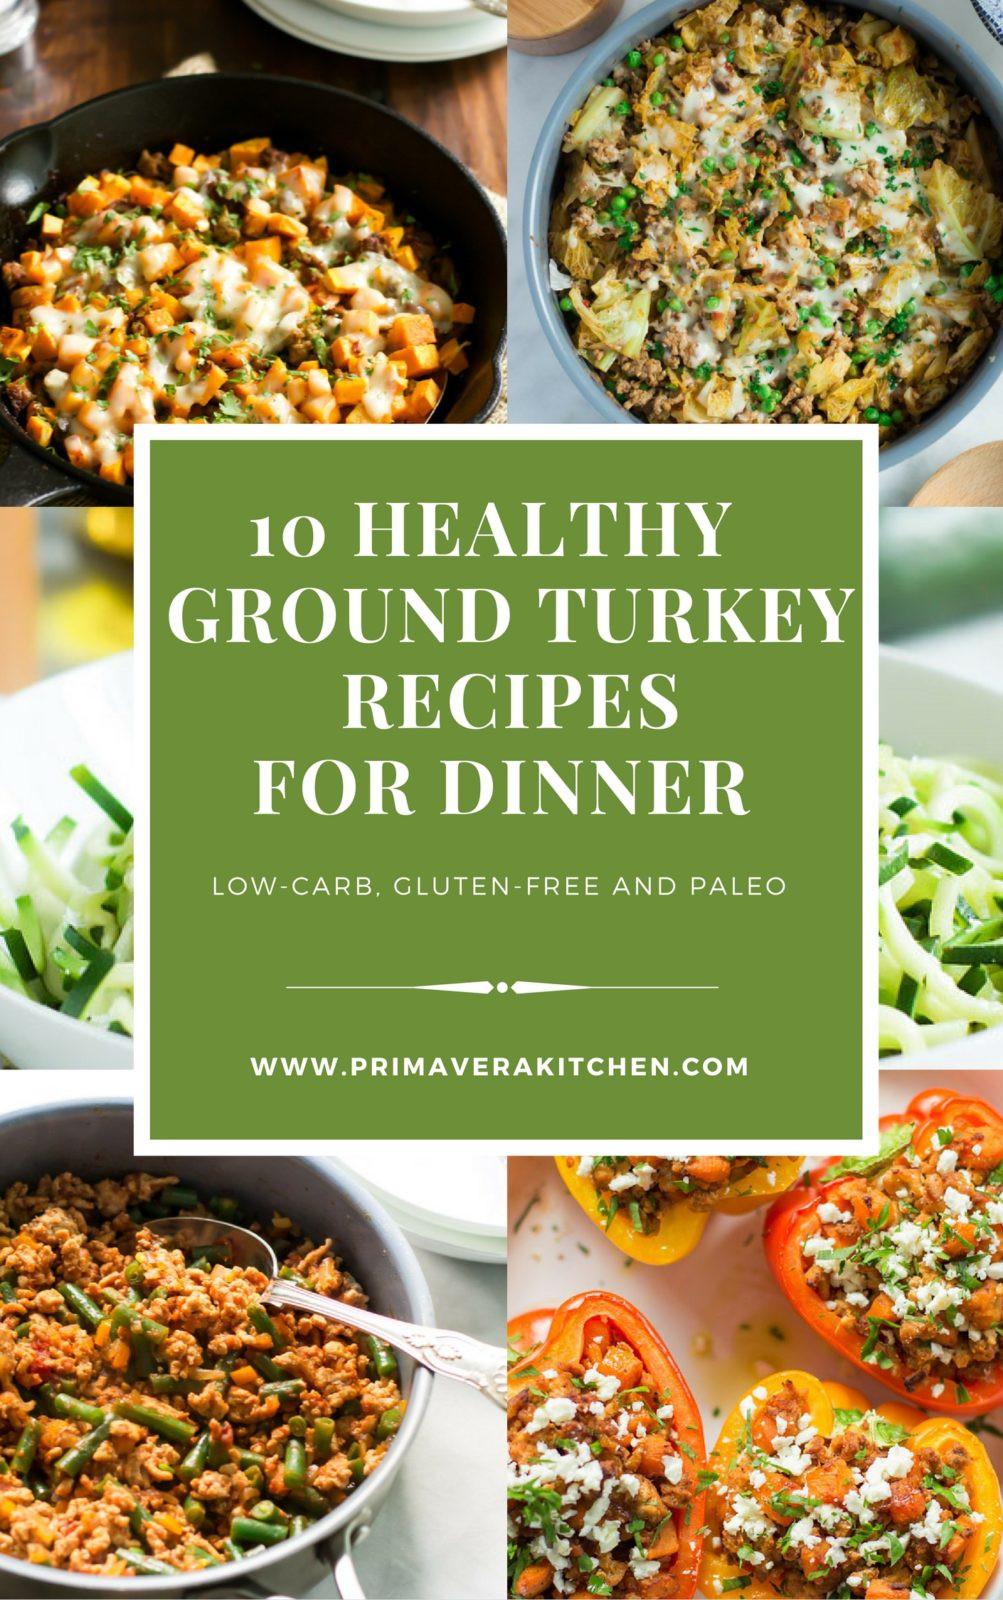 Ground Turkey Healthy Recipe  10 Healthy Ground Turkey Recipes for Dinner Primavera